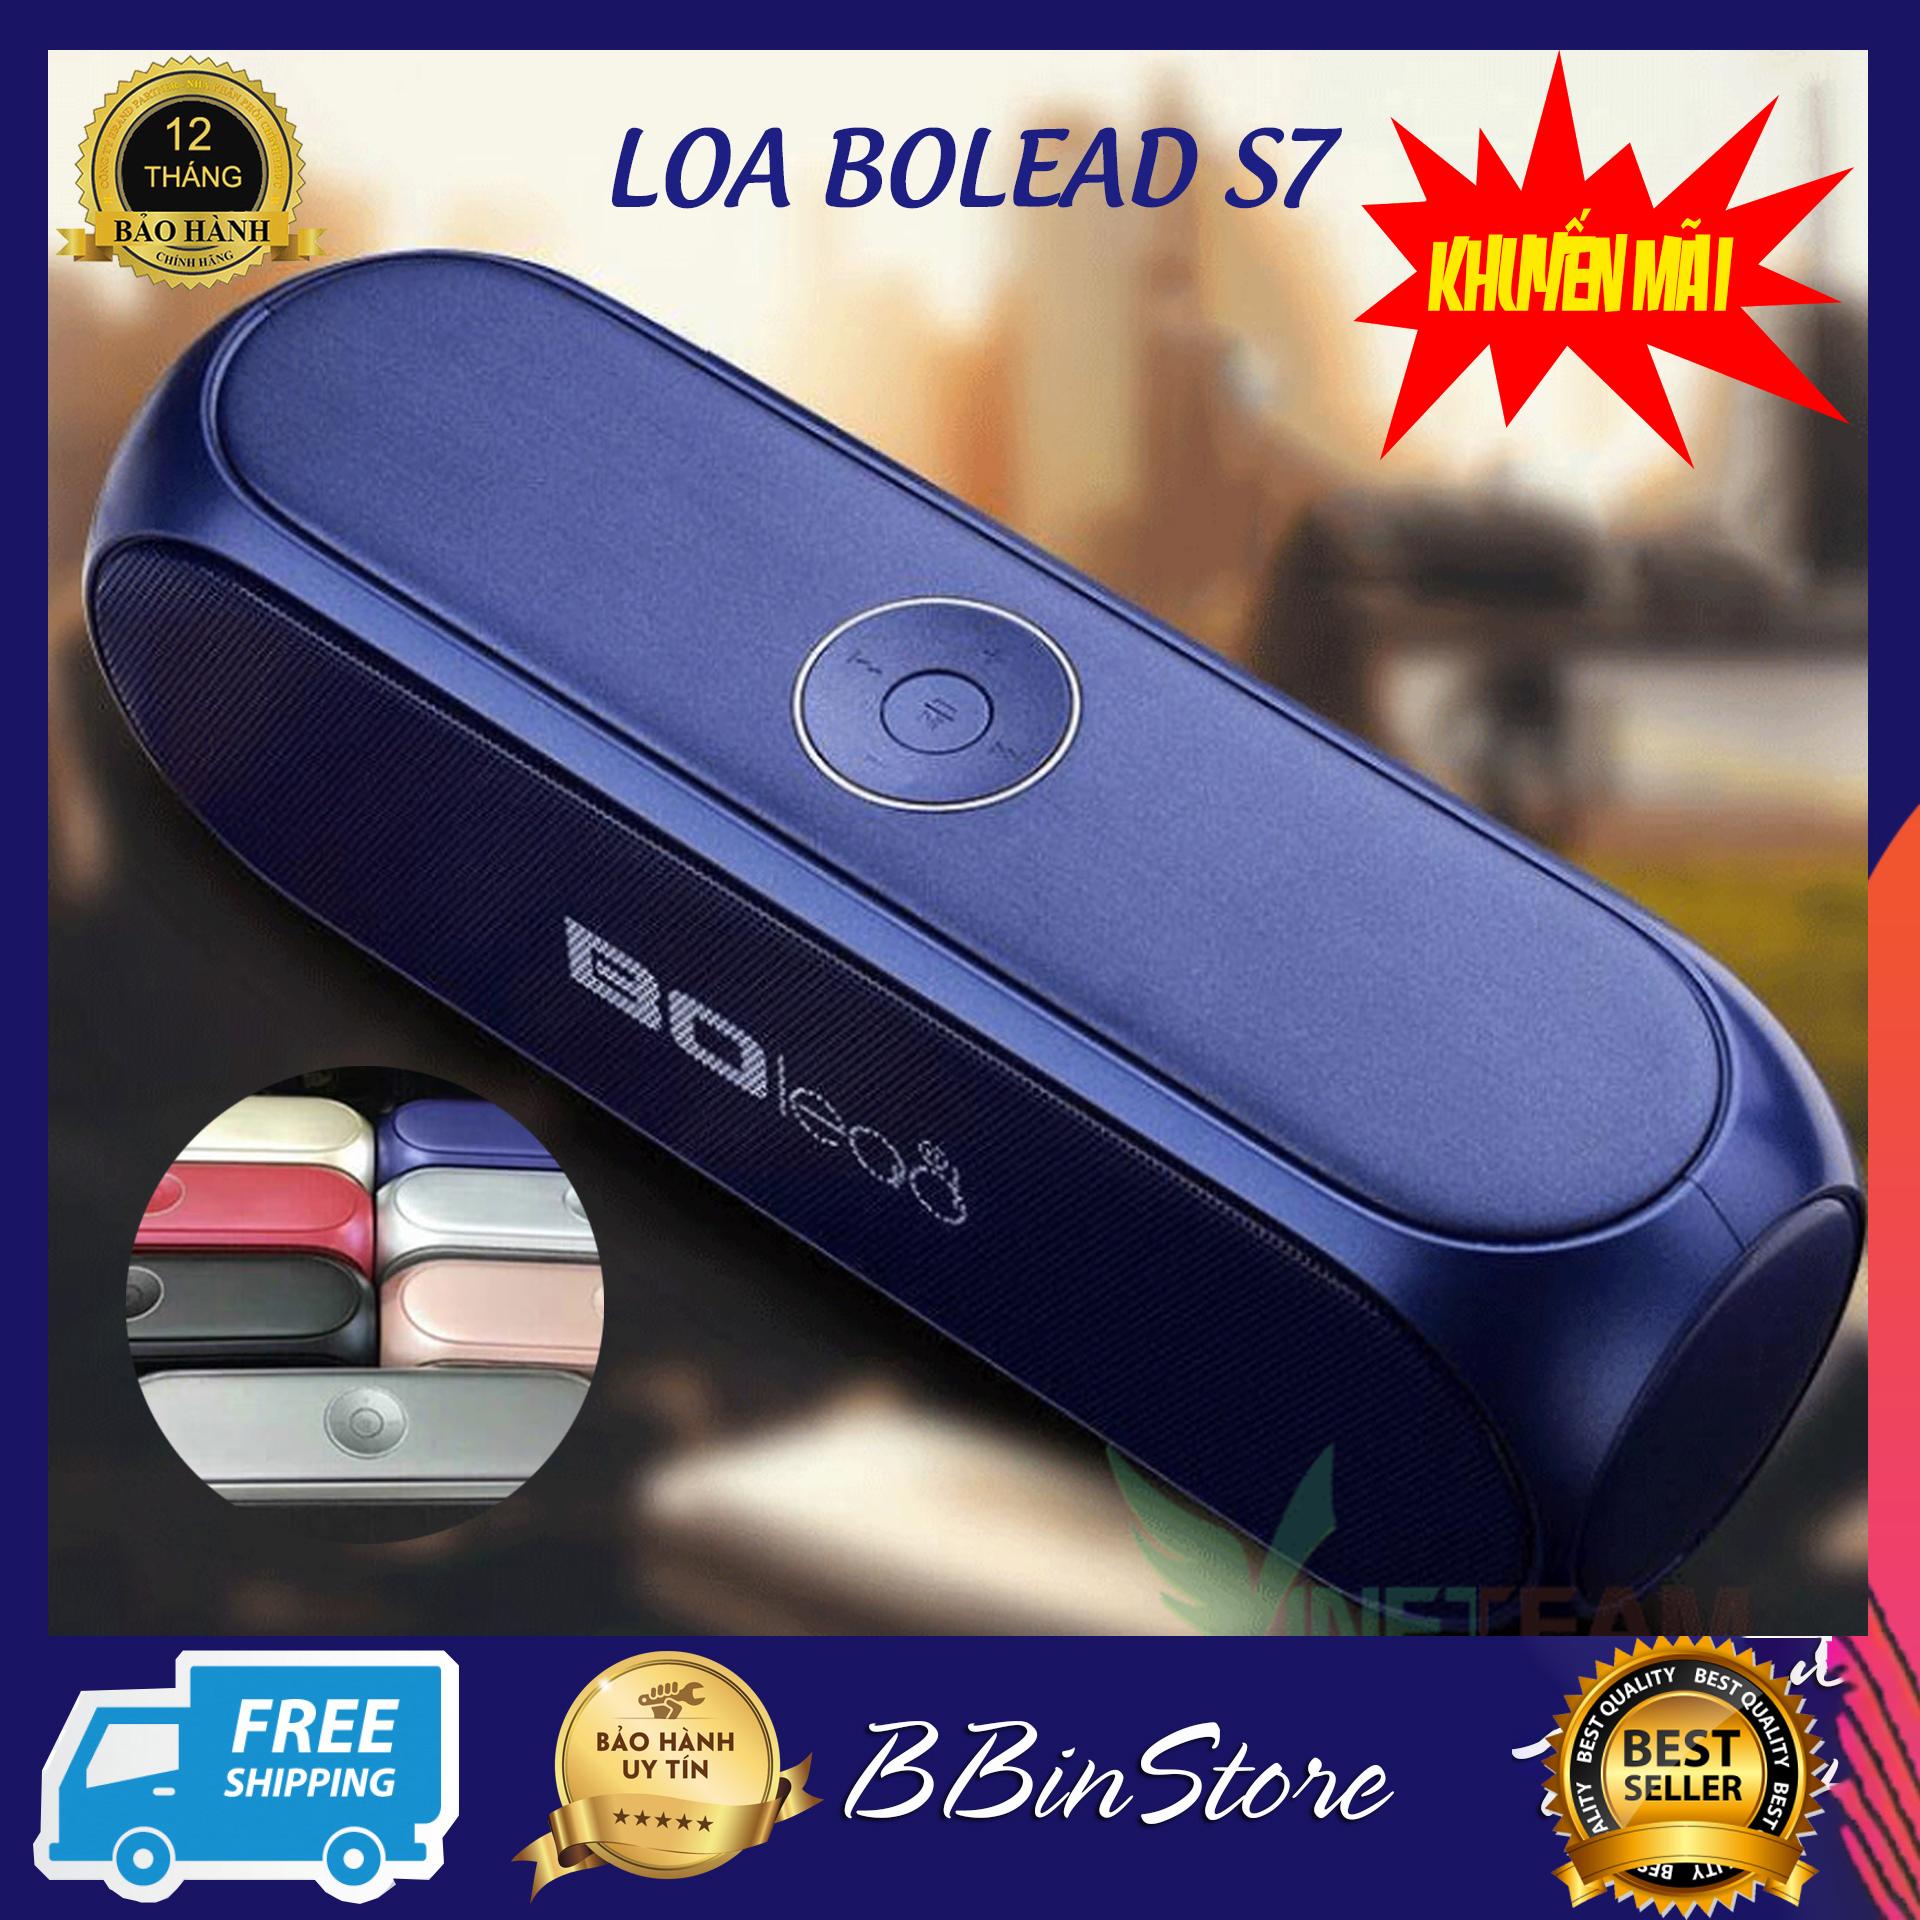 Loa Bluetooth Bolead S7 - Thiết Kế Chất Lượng, Gọn Nhẹ, Dễ Dàng Sử Dụng, Âm Thanh Tuyệt Hảo -...